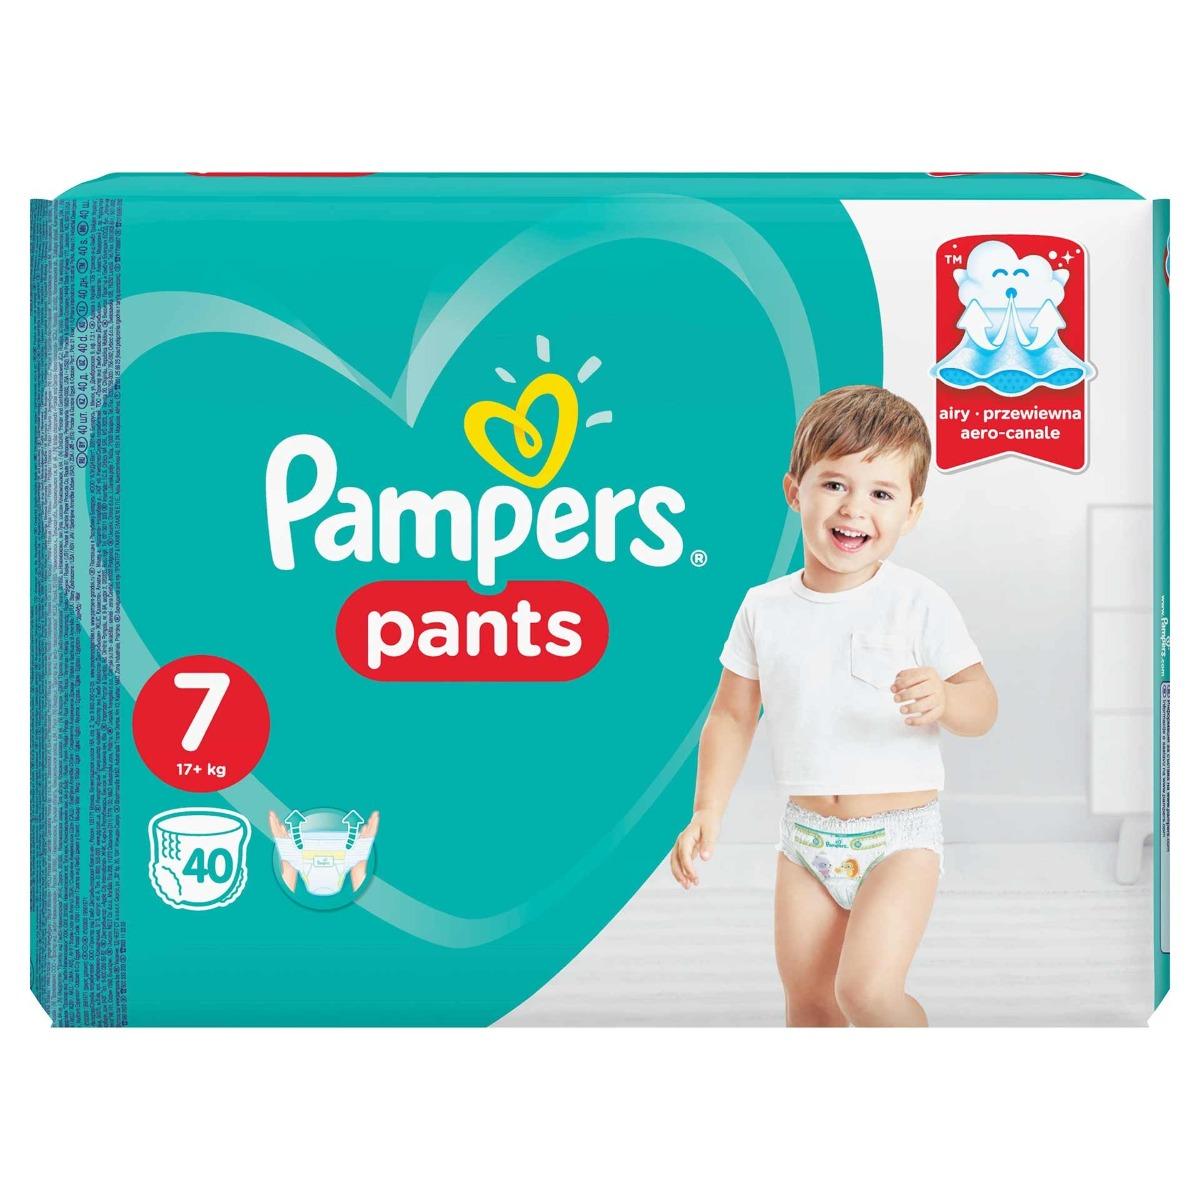 Scutece-chilotel Pants Jumbo Pack marimea 7 pentru 17+ kg, 40 bucati, Pampers